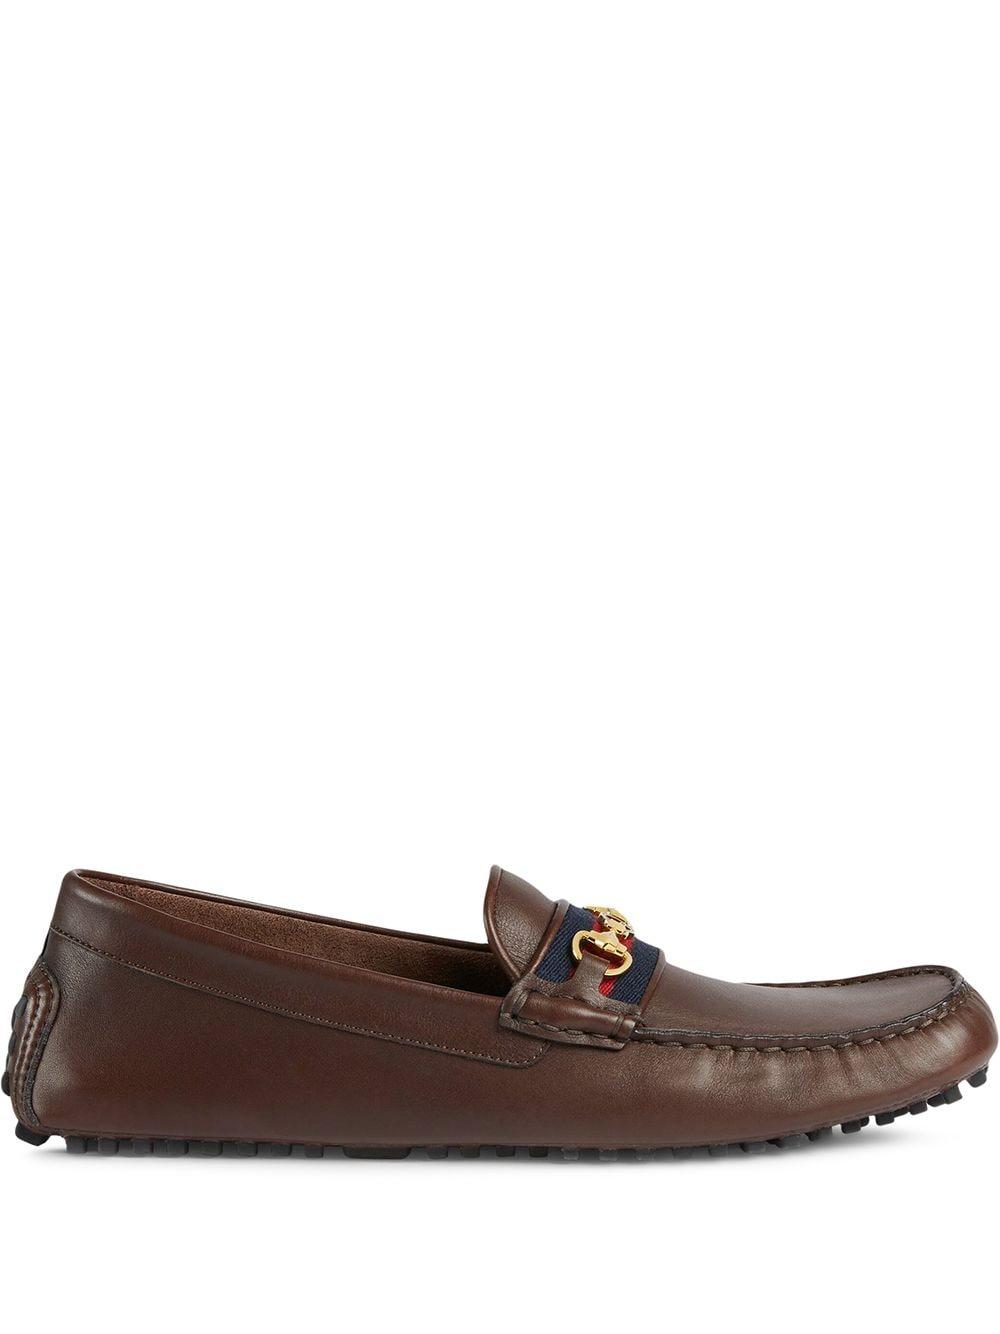 Gucci Loafer mit Webstreifen - Braun